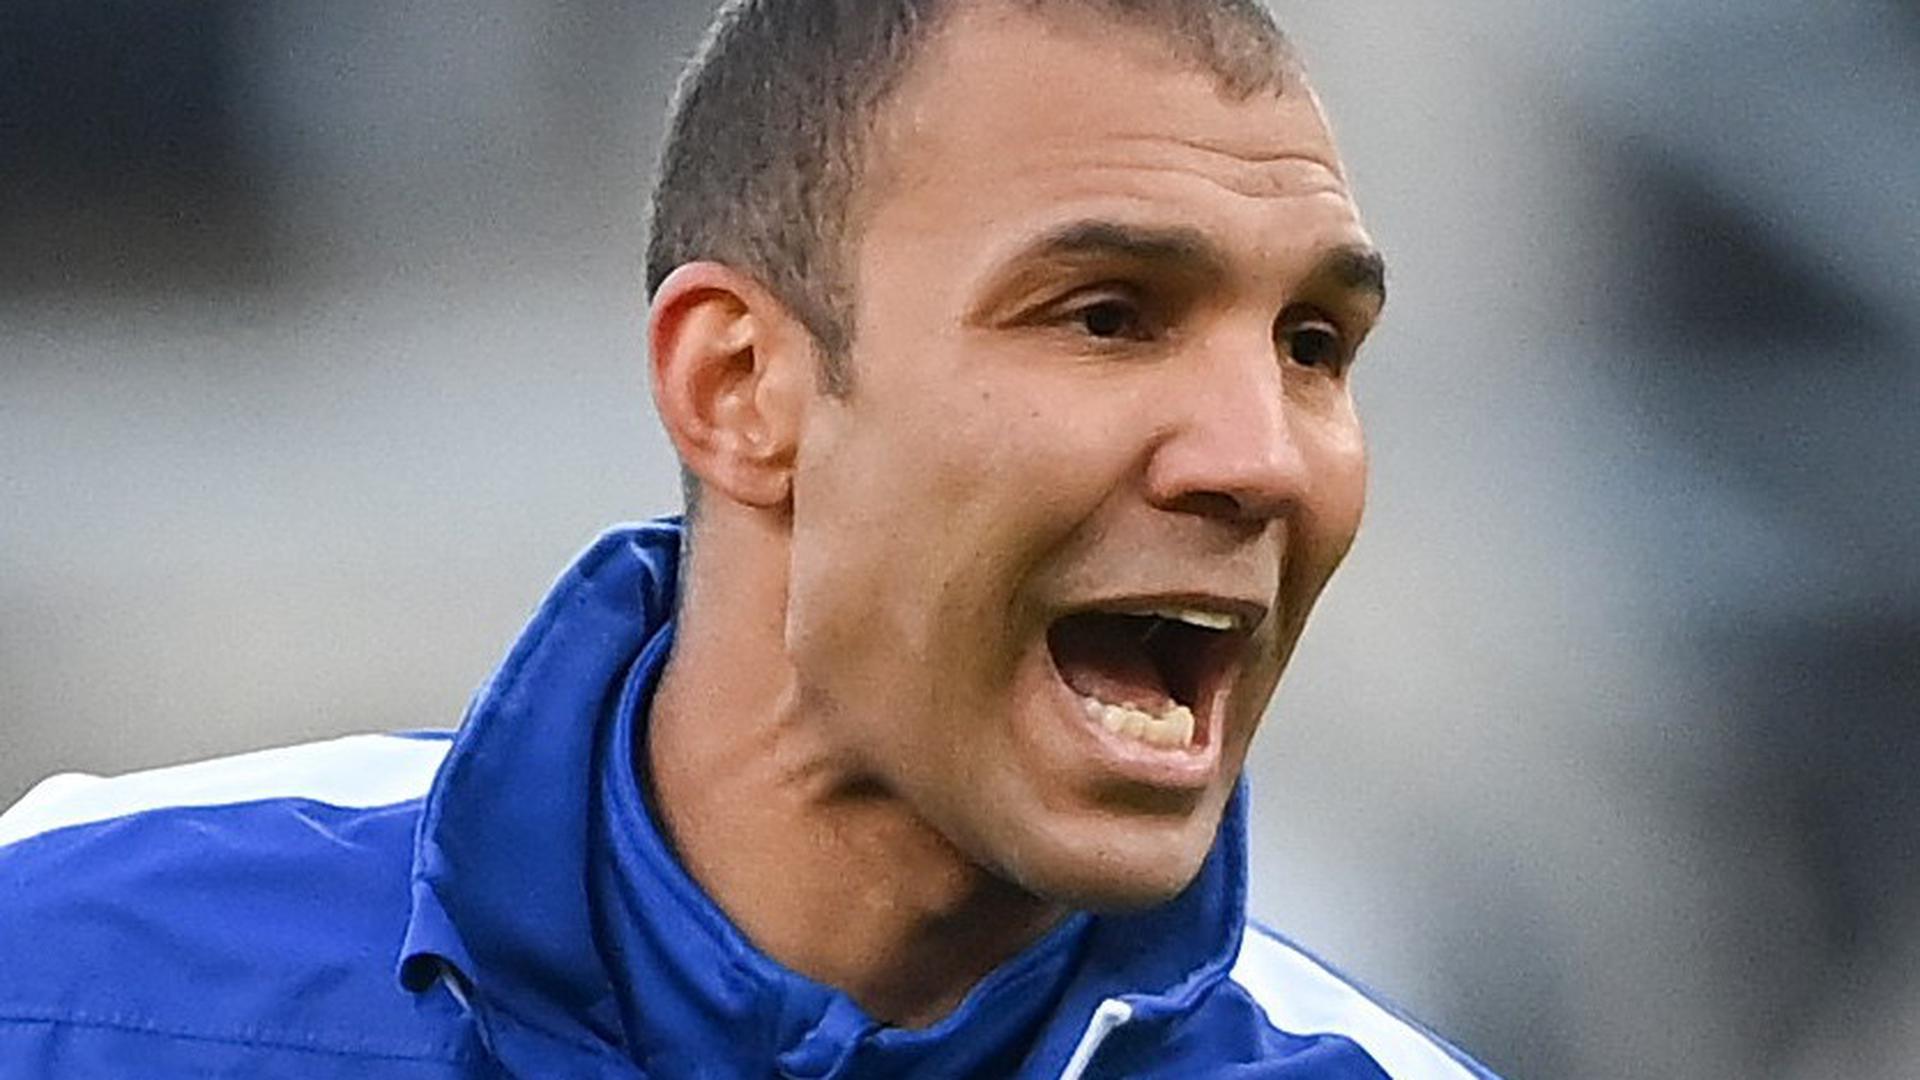 Hofft noch: Daniel Gordon hat seinen Platz im Kader für das Spiel in Regensburg noch nicht abgeschrieben.